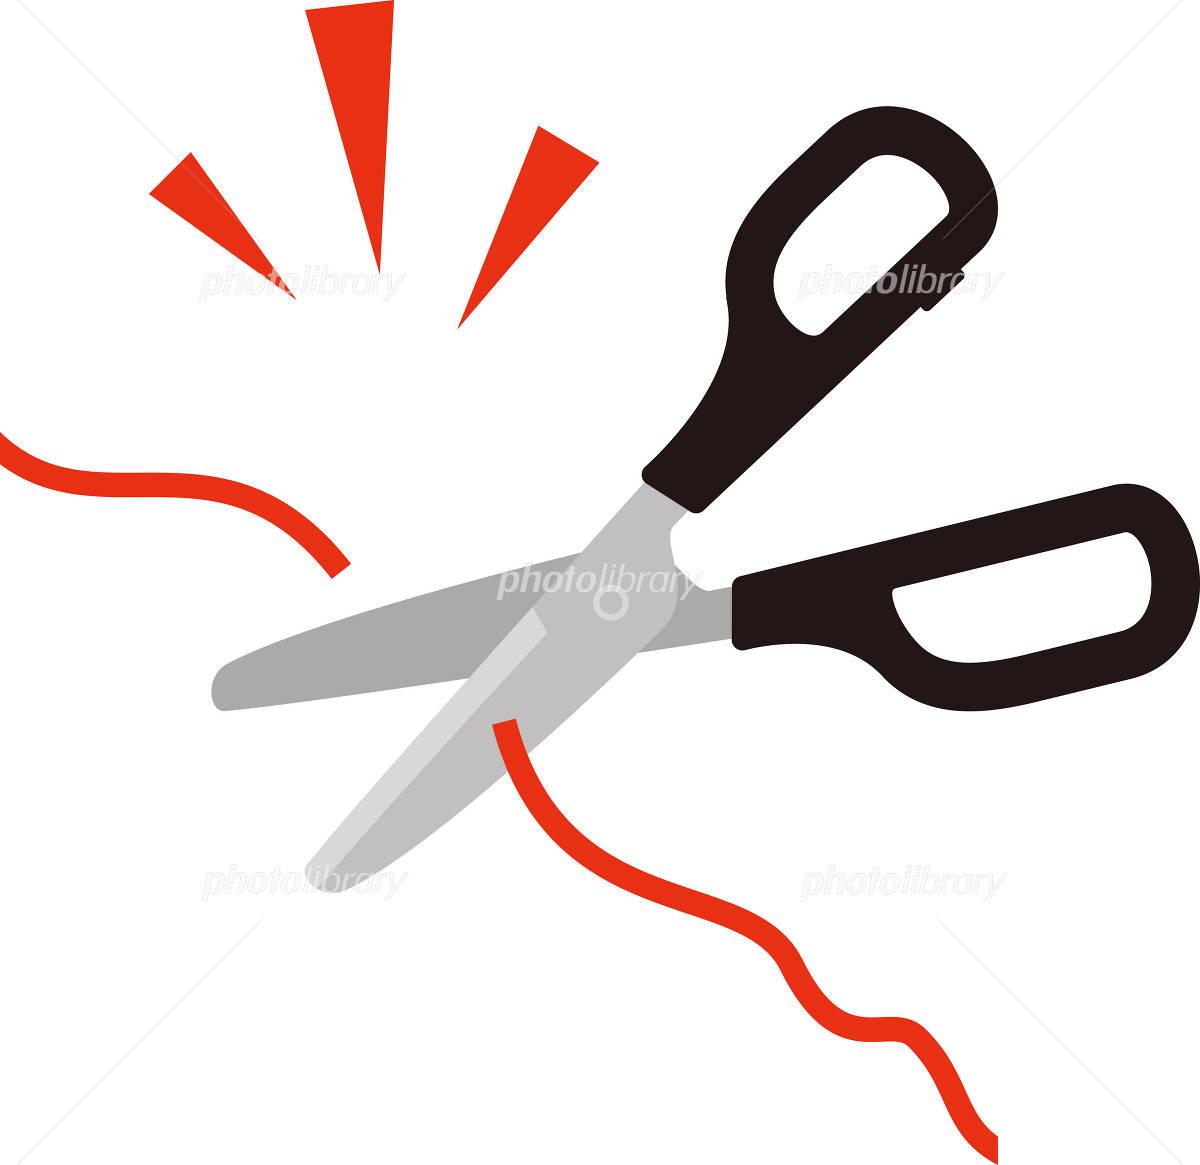 赤い糸を切るハサミ イラスト素材 [ 2583360 ] - フォトライブラリー ...